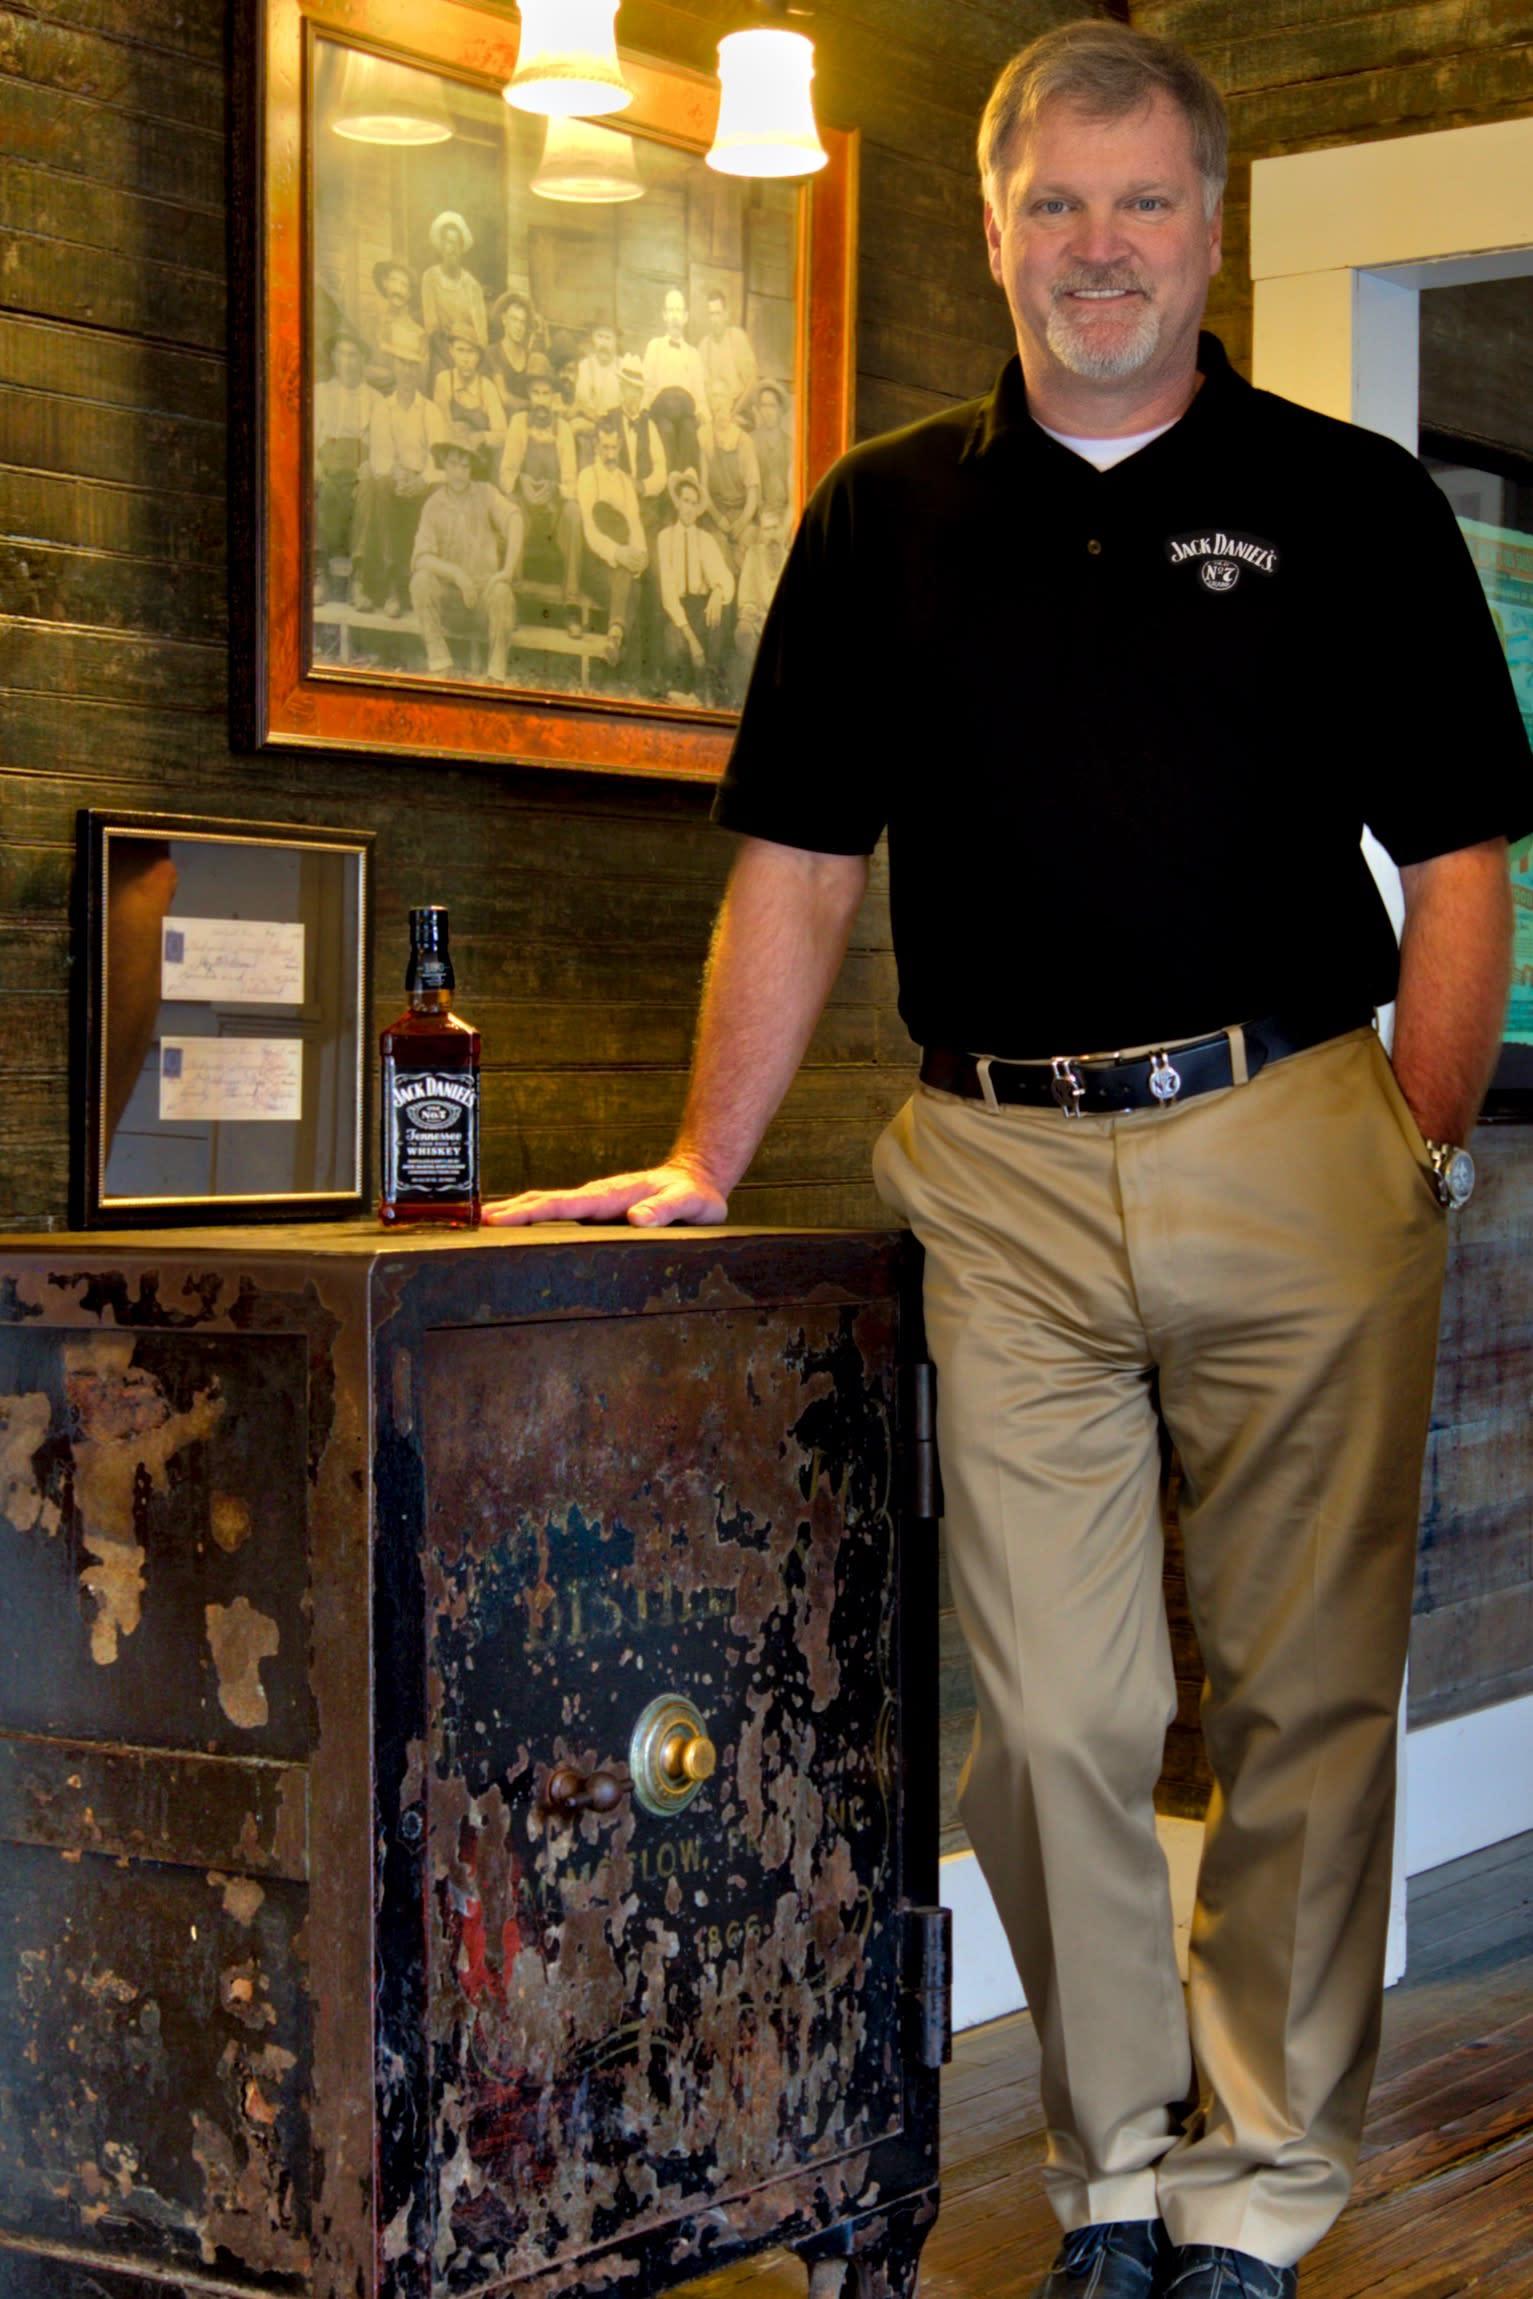 Jack Daniel's Master Distiller, Jeff Arnett